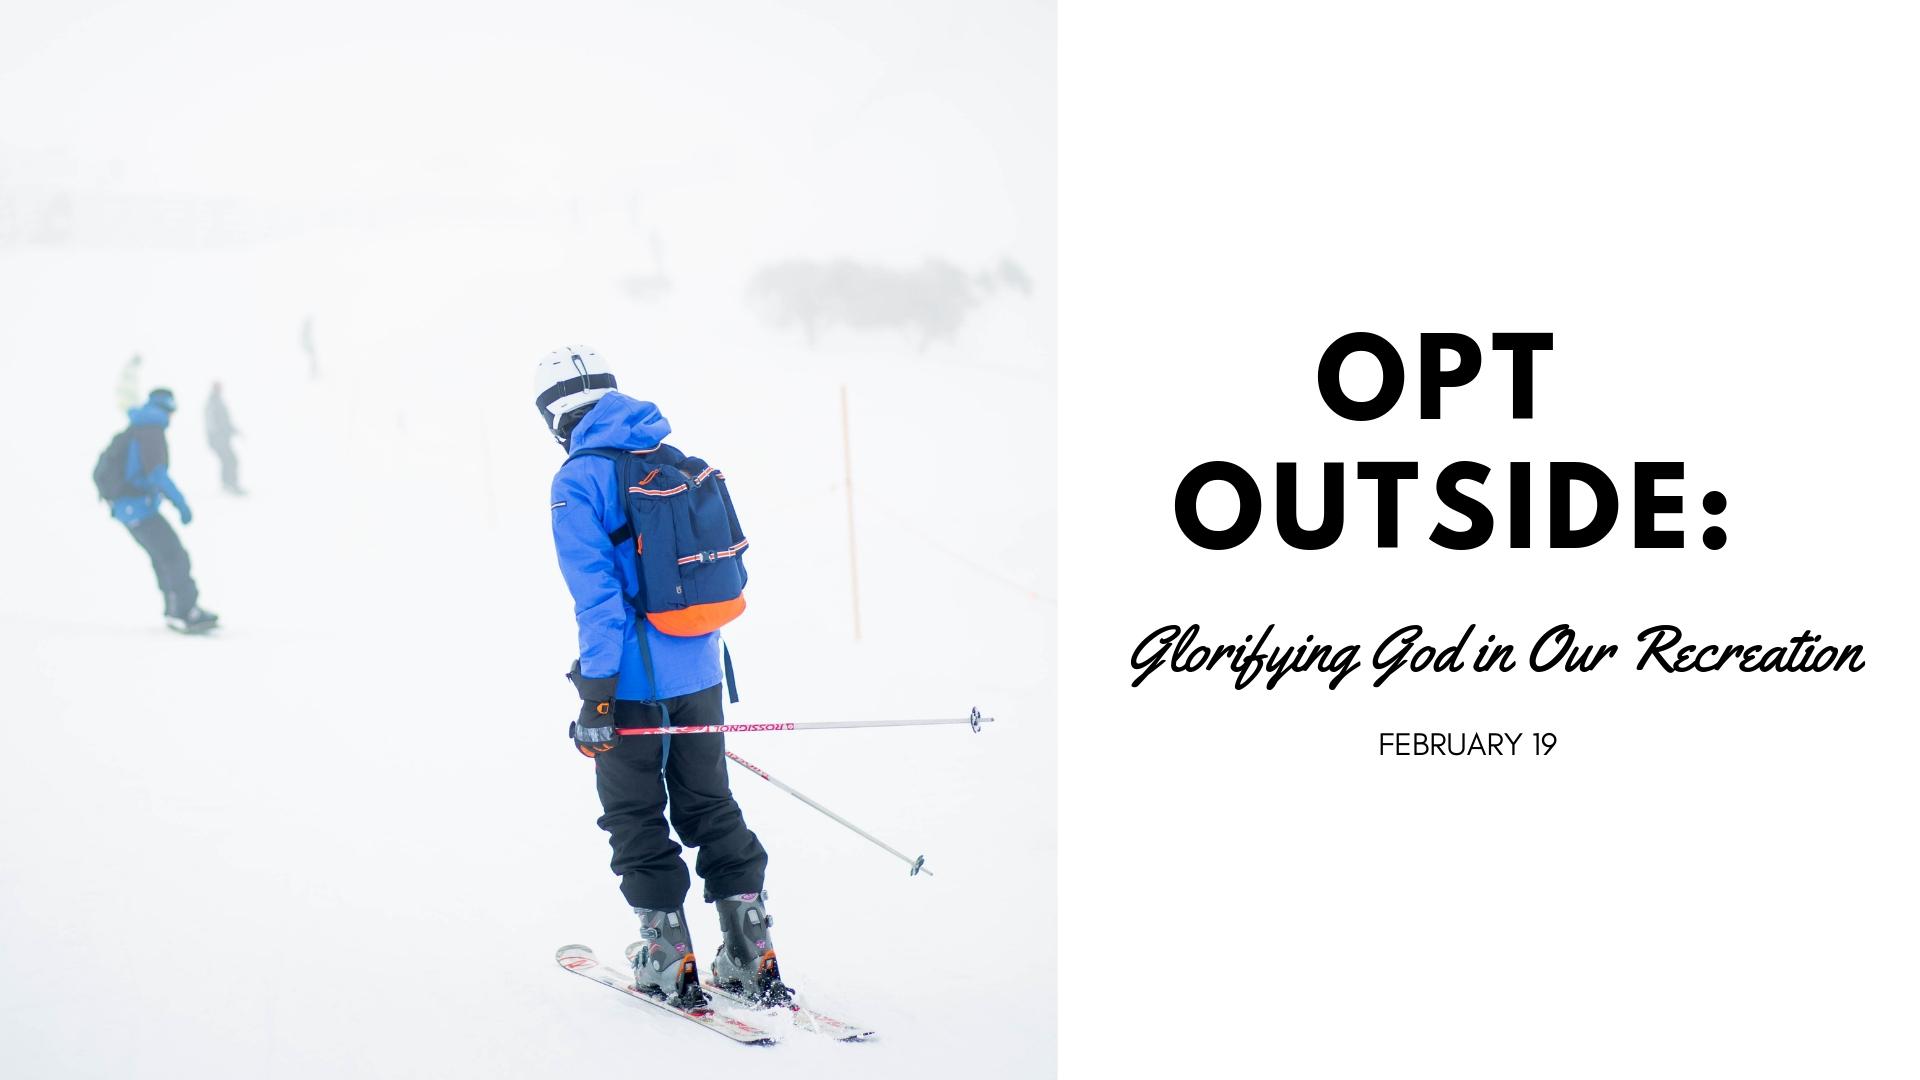 OPT OUTSIDE.jpg